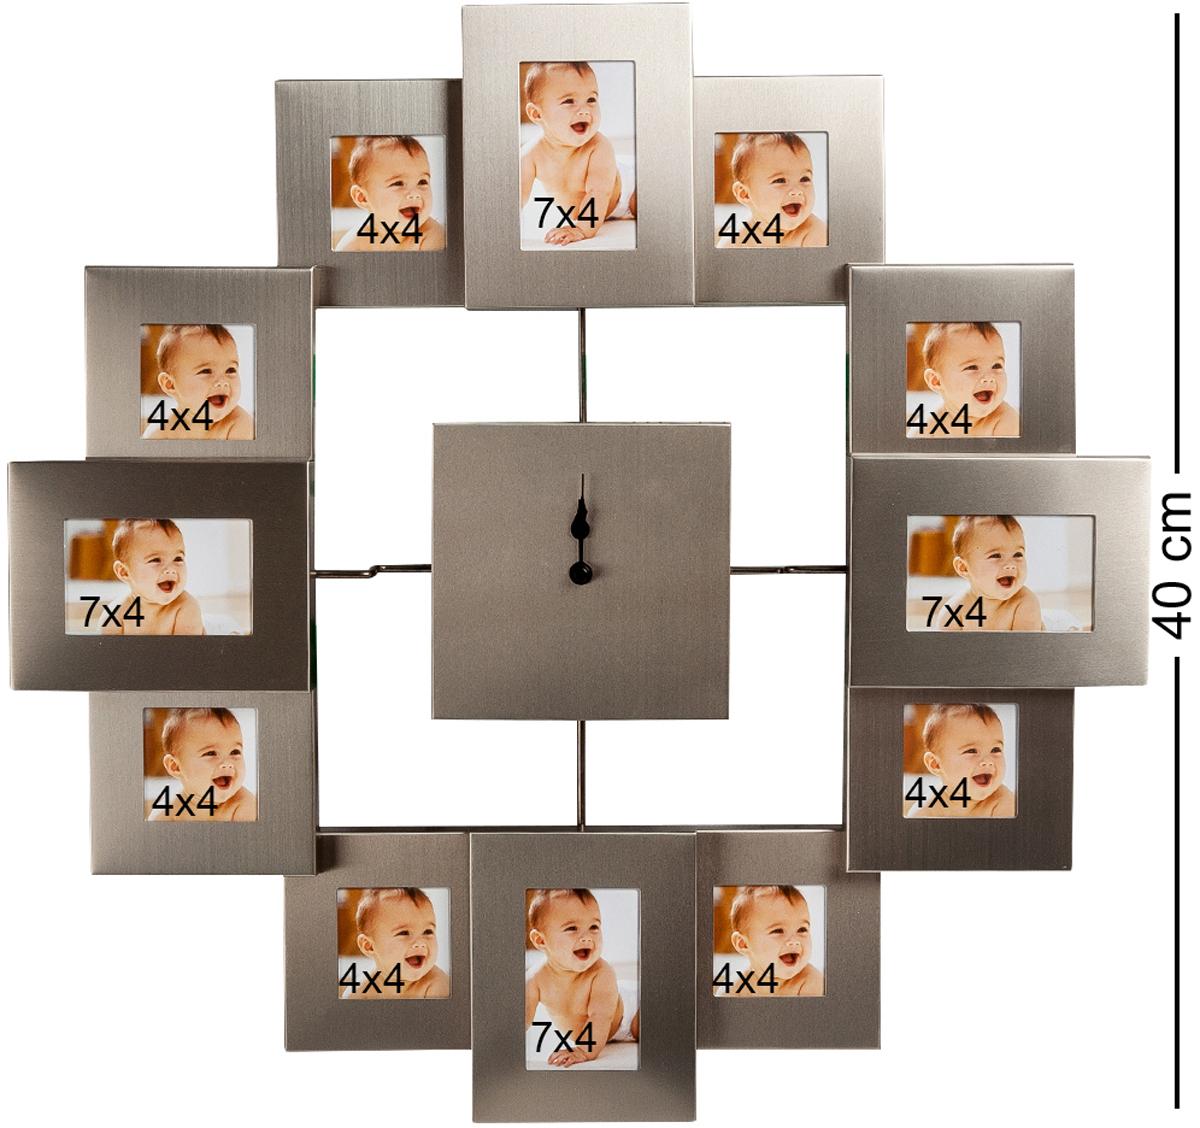 Панно-часы Bellezza Casa В ногу со временем, на 12 фото: 4х4, 7х4. CHK-022CHK-022Панно из фоторамок для 12 фотографий с часами (метал мат.) Для фотографий 4х4 и 7х4 см. Если в семье растет маленький ребенок, вполне понятно желание родителей его постоянно фотографировать и иметь перед глазами эти фотографии, чтобы отслеживать, насколько быстро он растет и как изменяется с возрастом. Для этого очень удобно использовать такое панно-часы, в котором вместо часовых делений использованы маленькие рамочки для фотографий размером 4х4 и 7х4 сантиметра. Постарайтесь фотографировать вашего малыша каждый месяц, и тогда за год вы заполните все рамочки и получите великолепную подборку, рассказывающую о первых месяцах жизни ребенка. В дальнейшем можно поменять снимки, и тогда часы будут показывать время роста в течение первых лет.